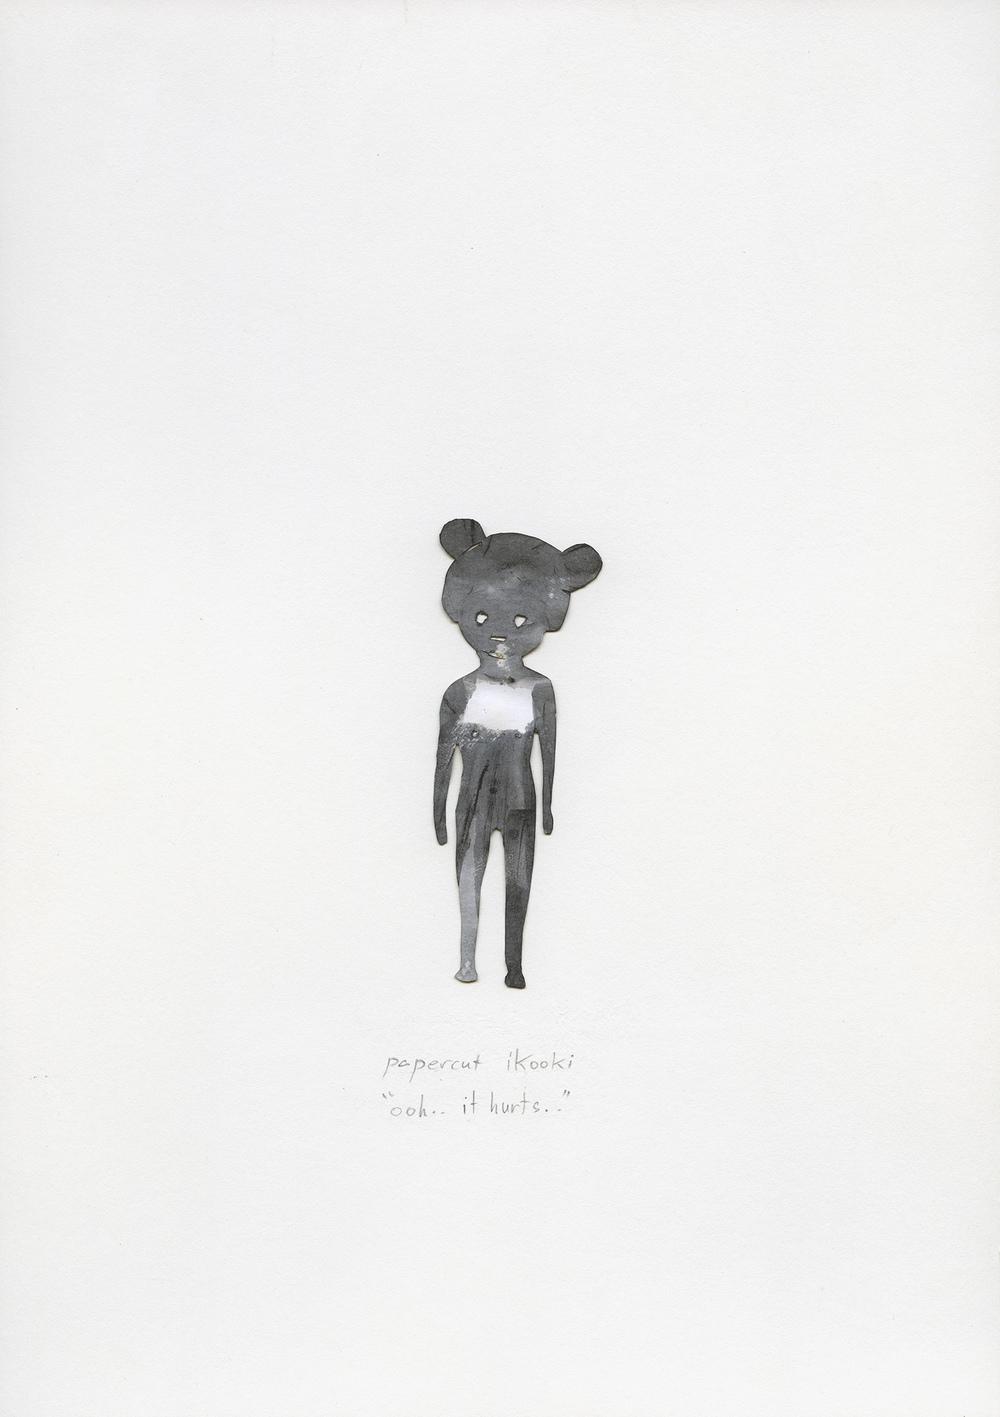 paper-cut ikooki   2013   mixed media on paper, 23x30.5 cm